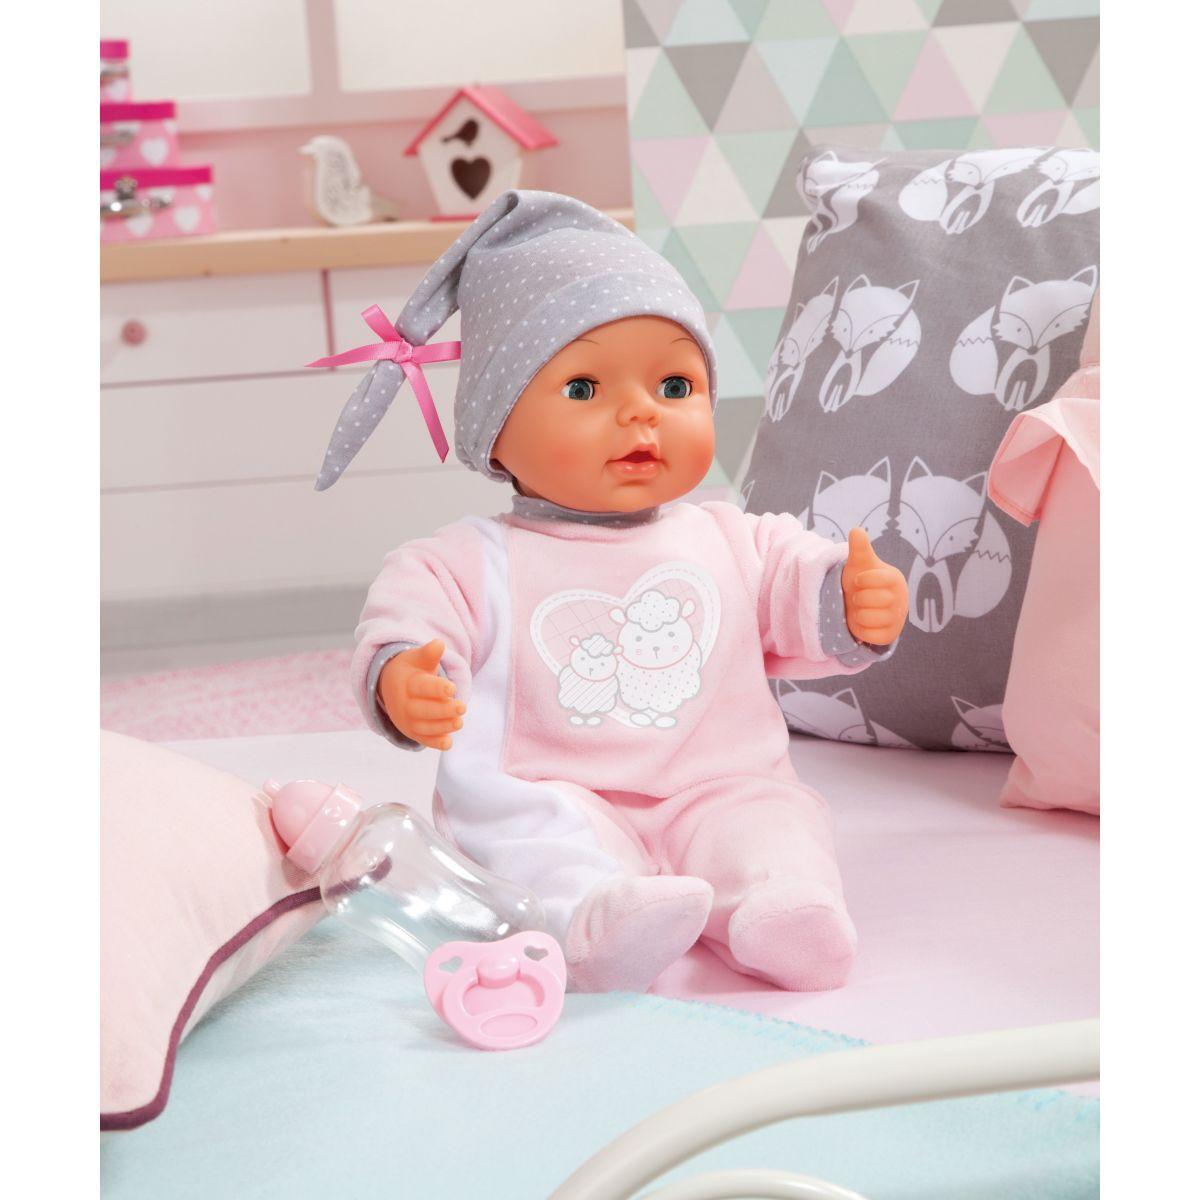 cadeau meisje 6 jaar, poppen speelgoed, baby pop, meisjesspeelgoed